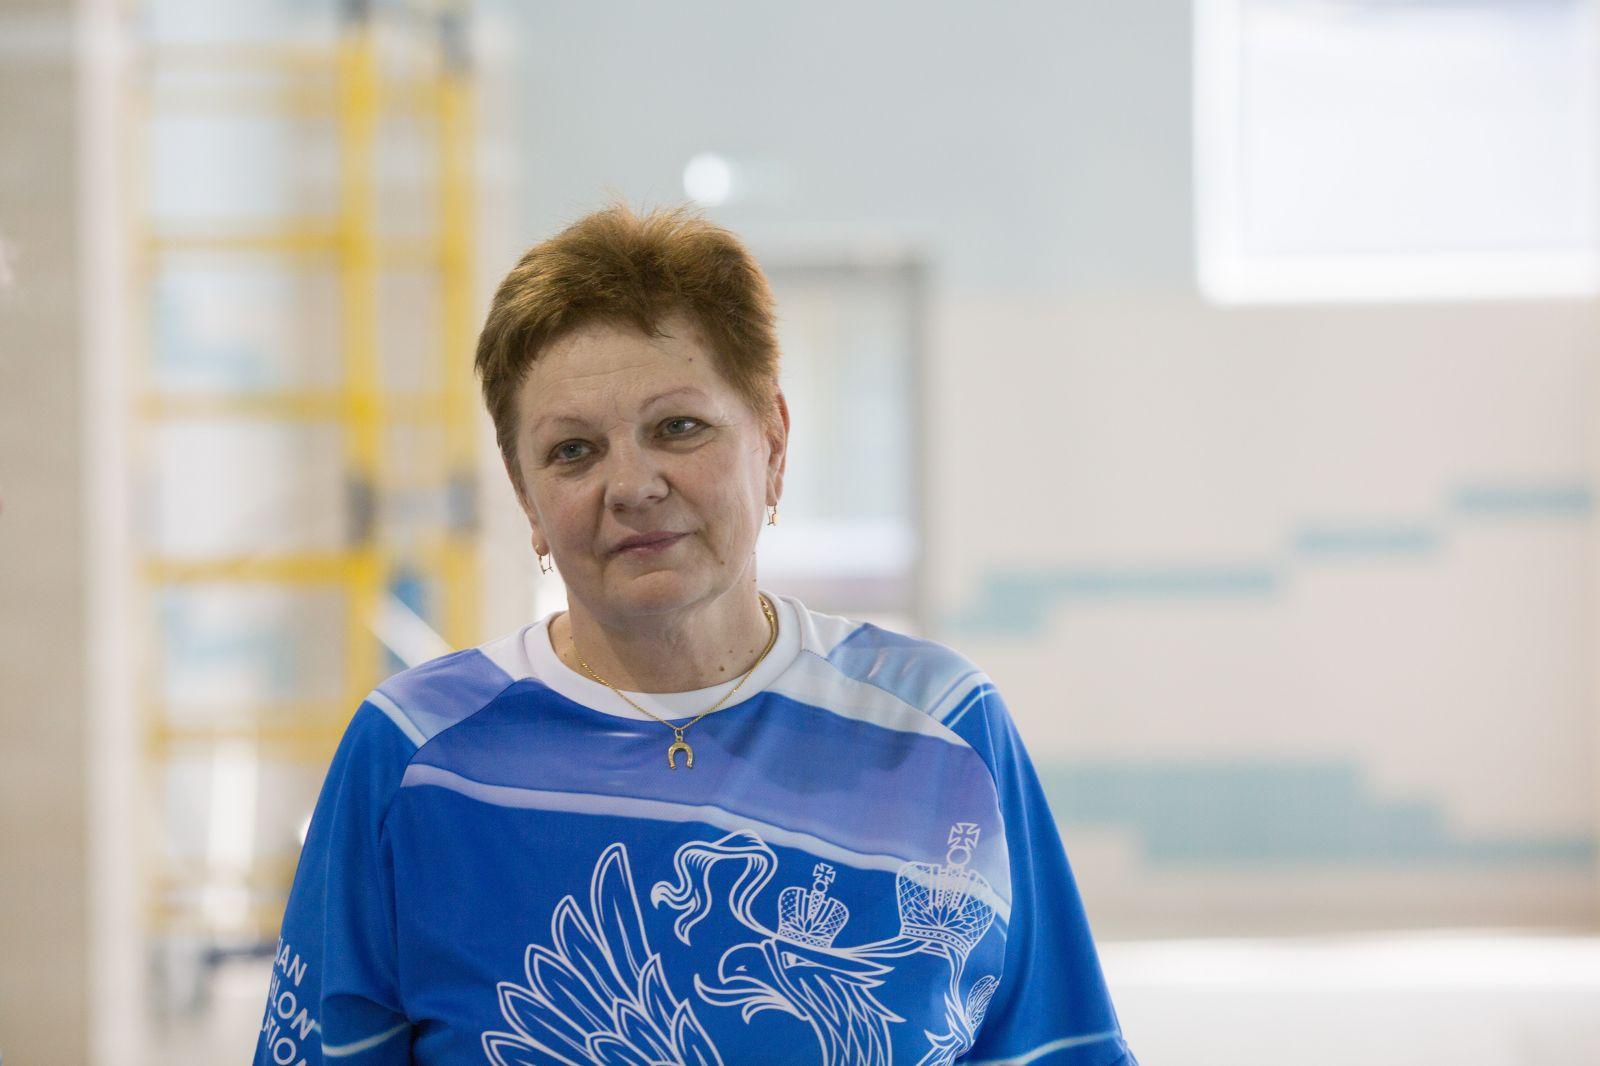 Старший тренер сборной команды России по паратриатлону М.Ю. Никитина подвела итоги чемпионата мира